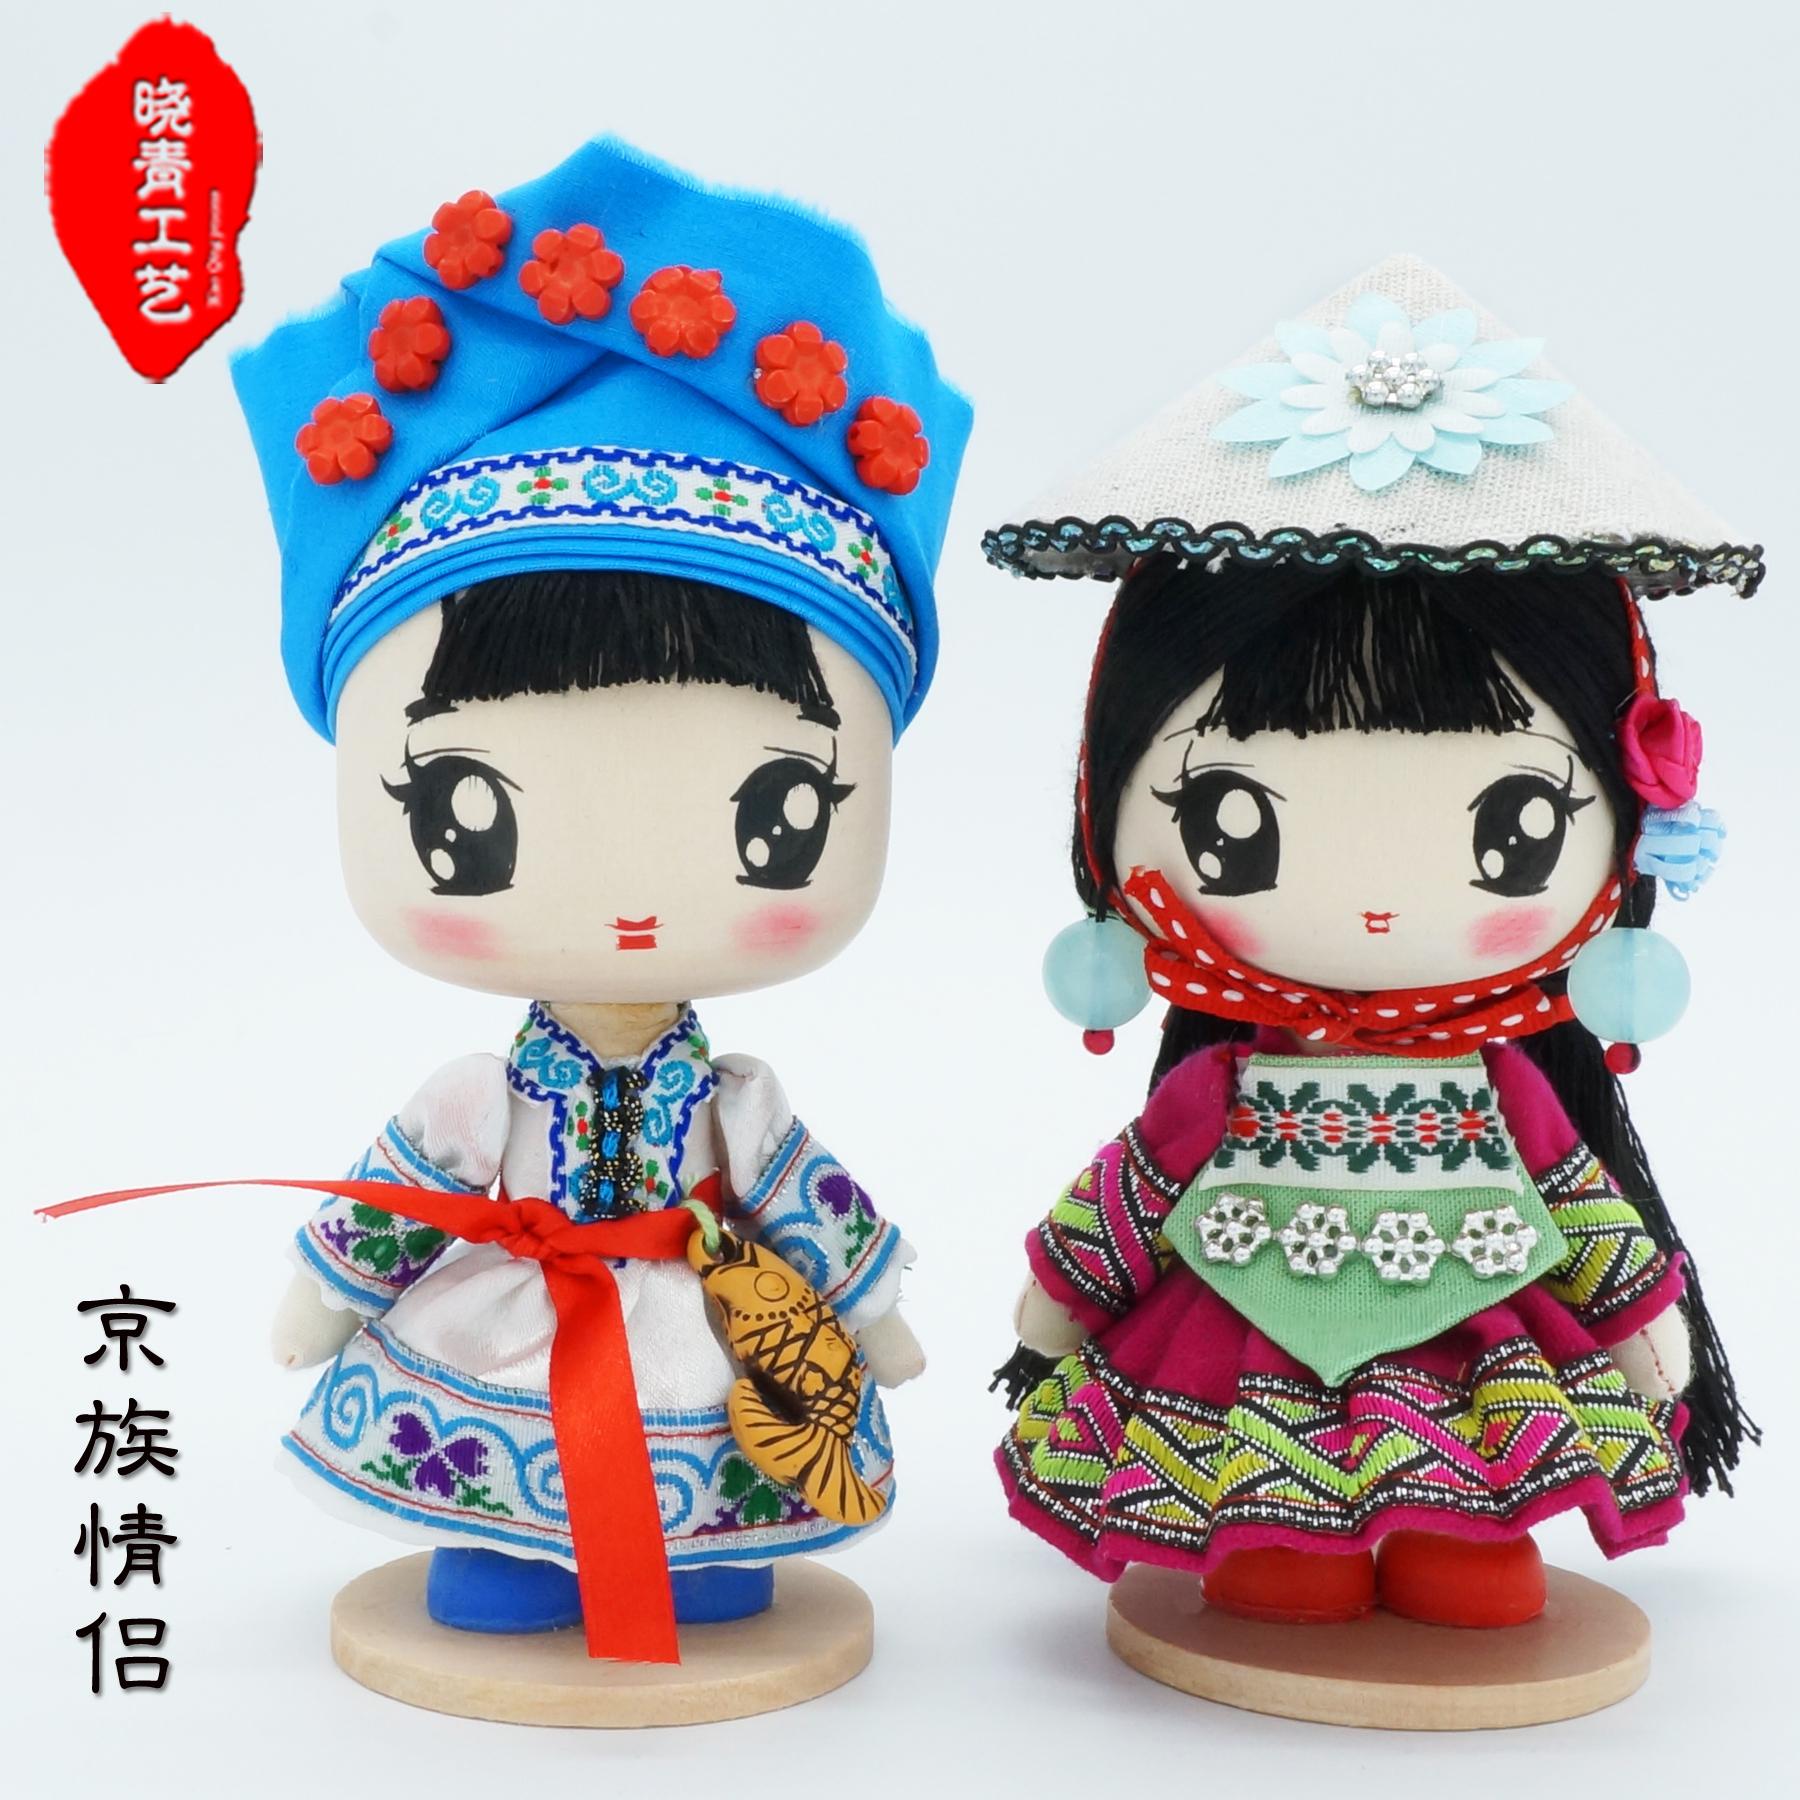 晓青工艺17cmQ版京族娃娃 手工木制民族娃娃木偶广西特色礼品教具